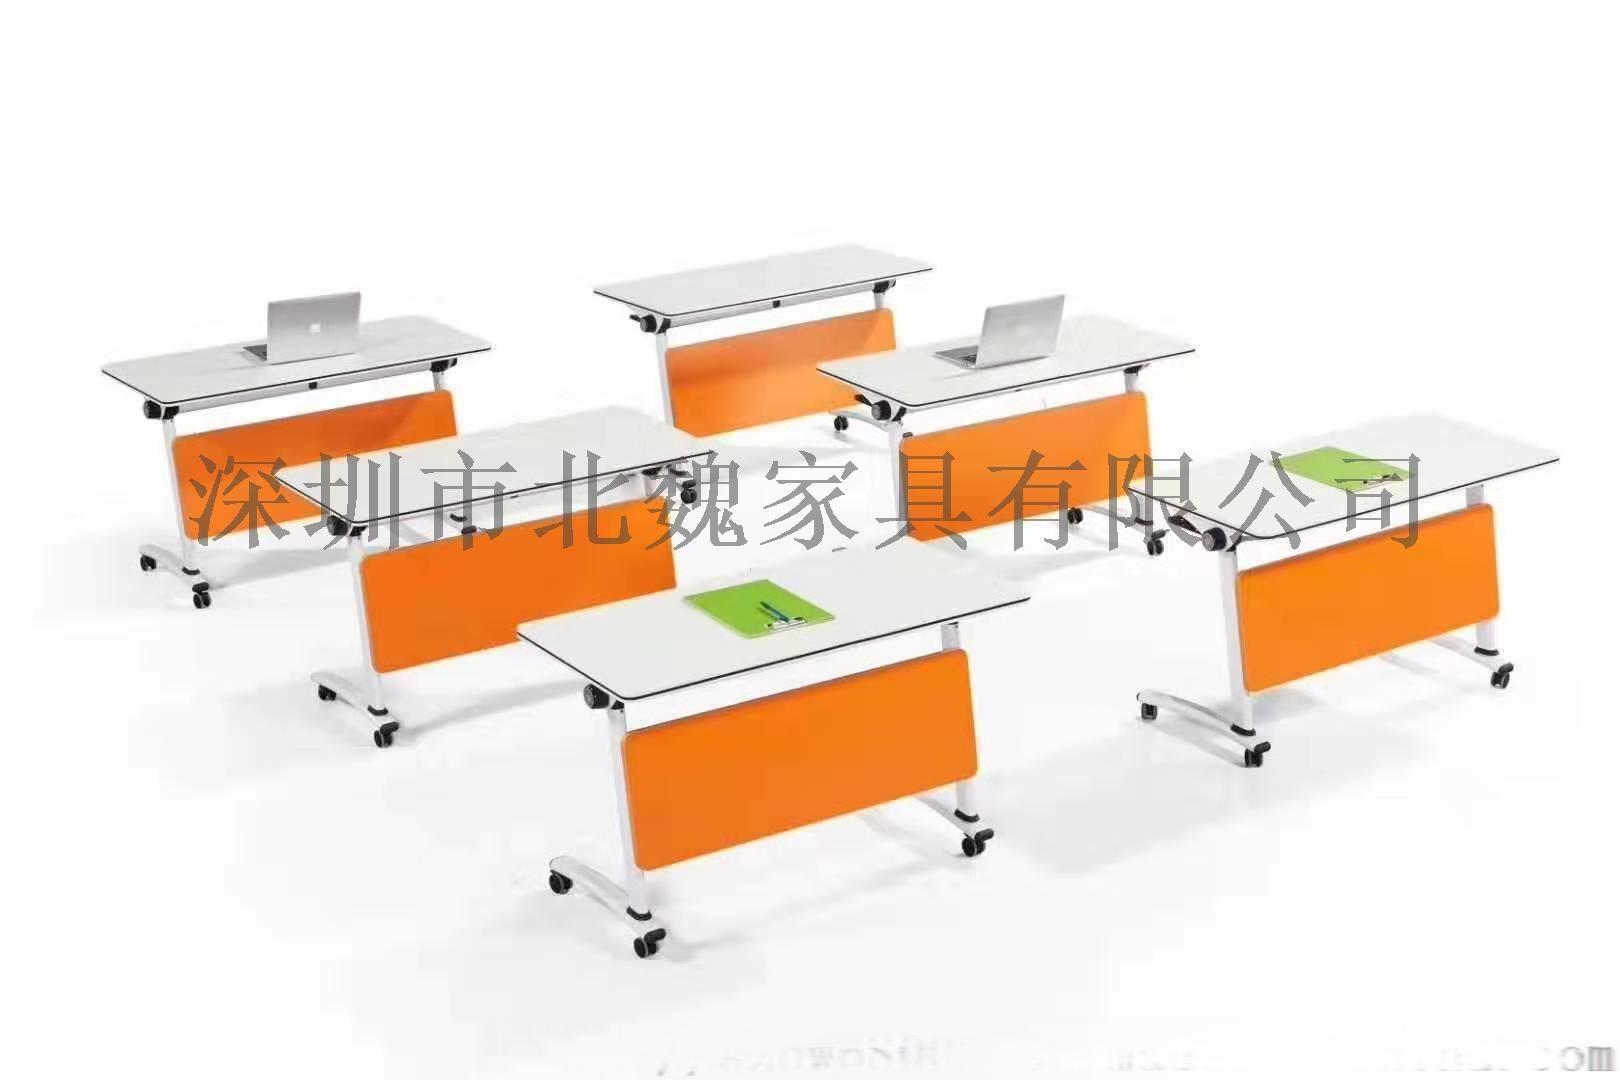 折叠培训桌 可折叠培训台 广东培训桌生产厂家123069545